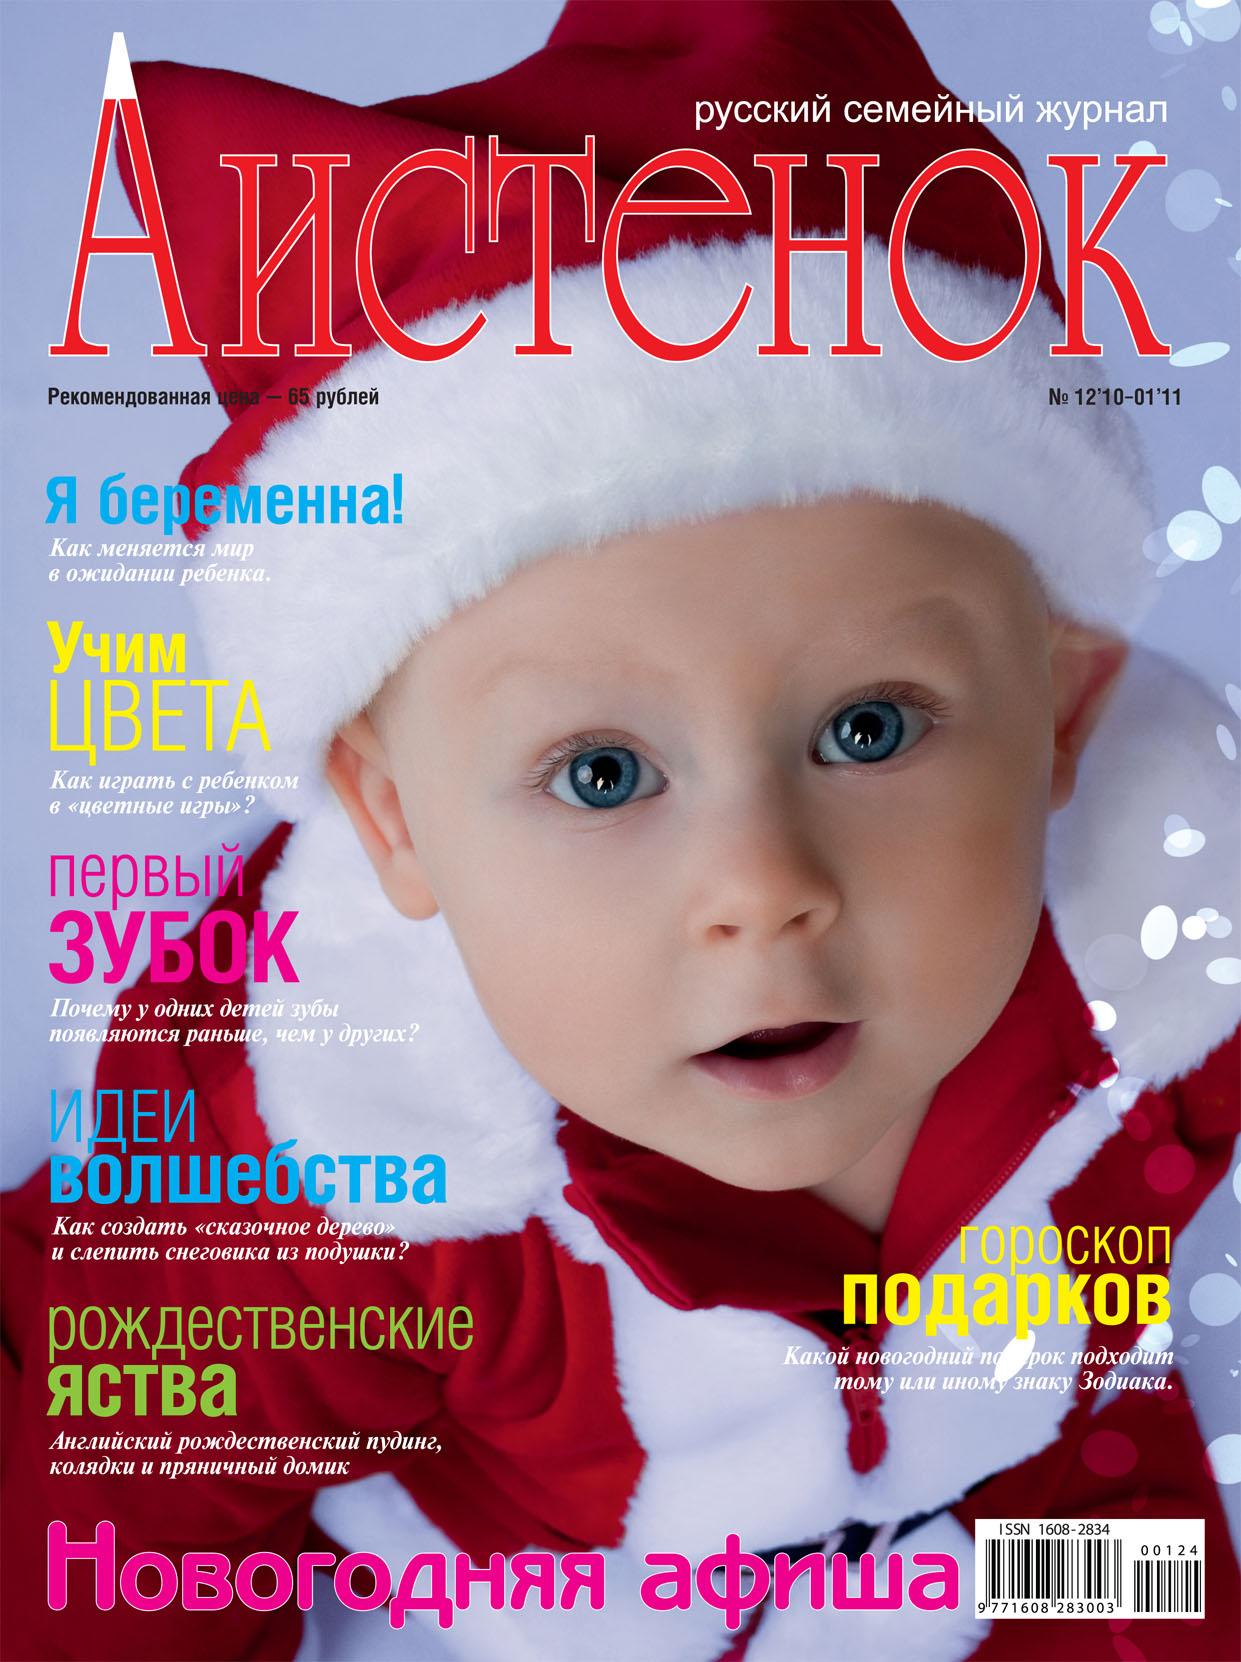 Журнал 'Аистенок'. Конкурс 'Лучшая новогодняя обложка — 2011'